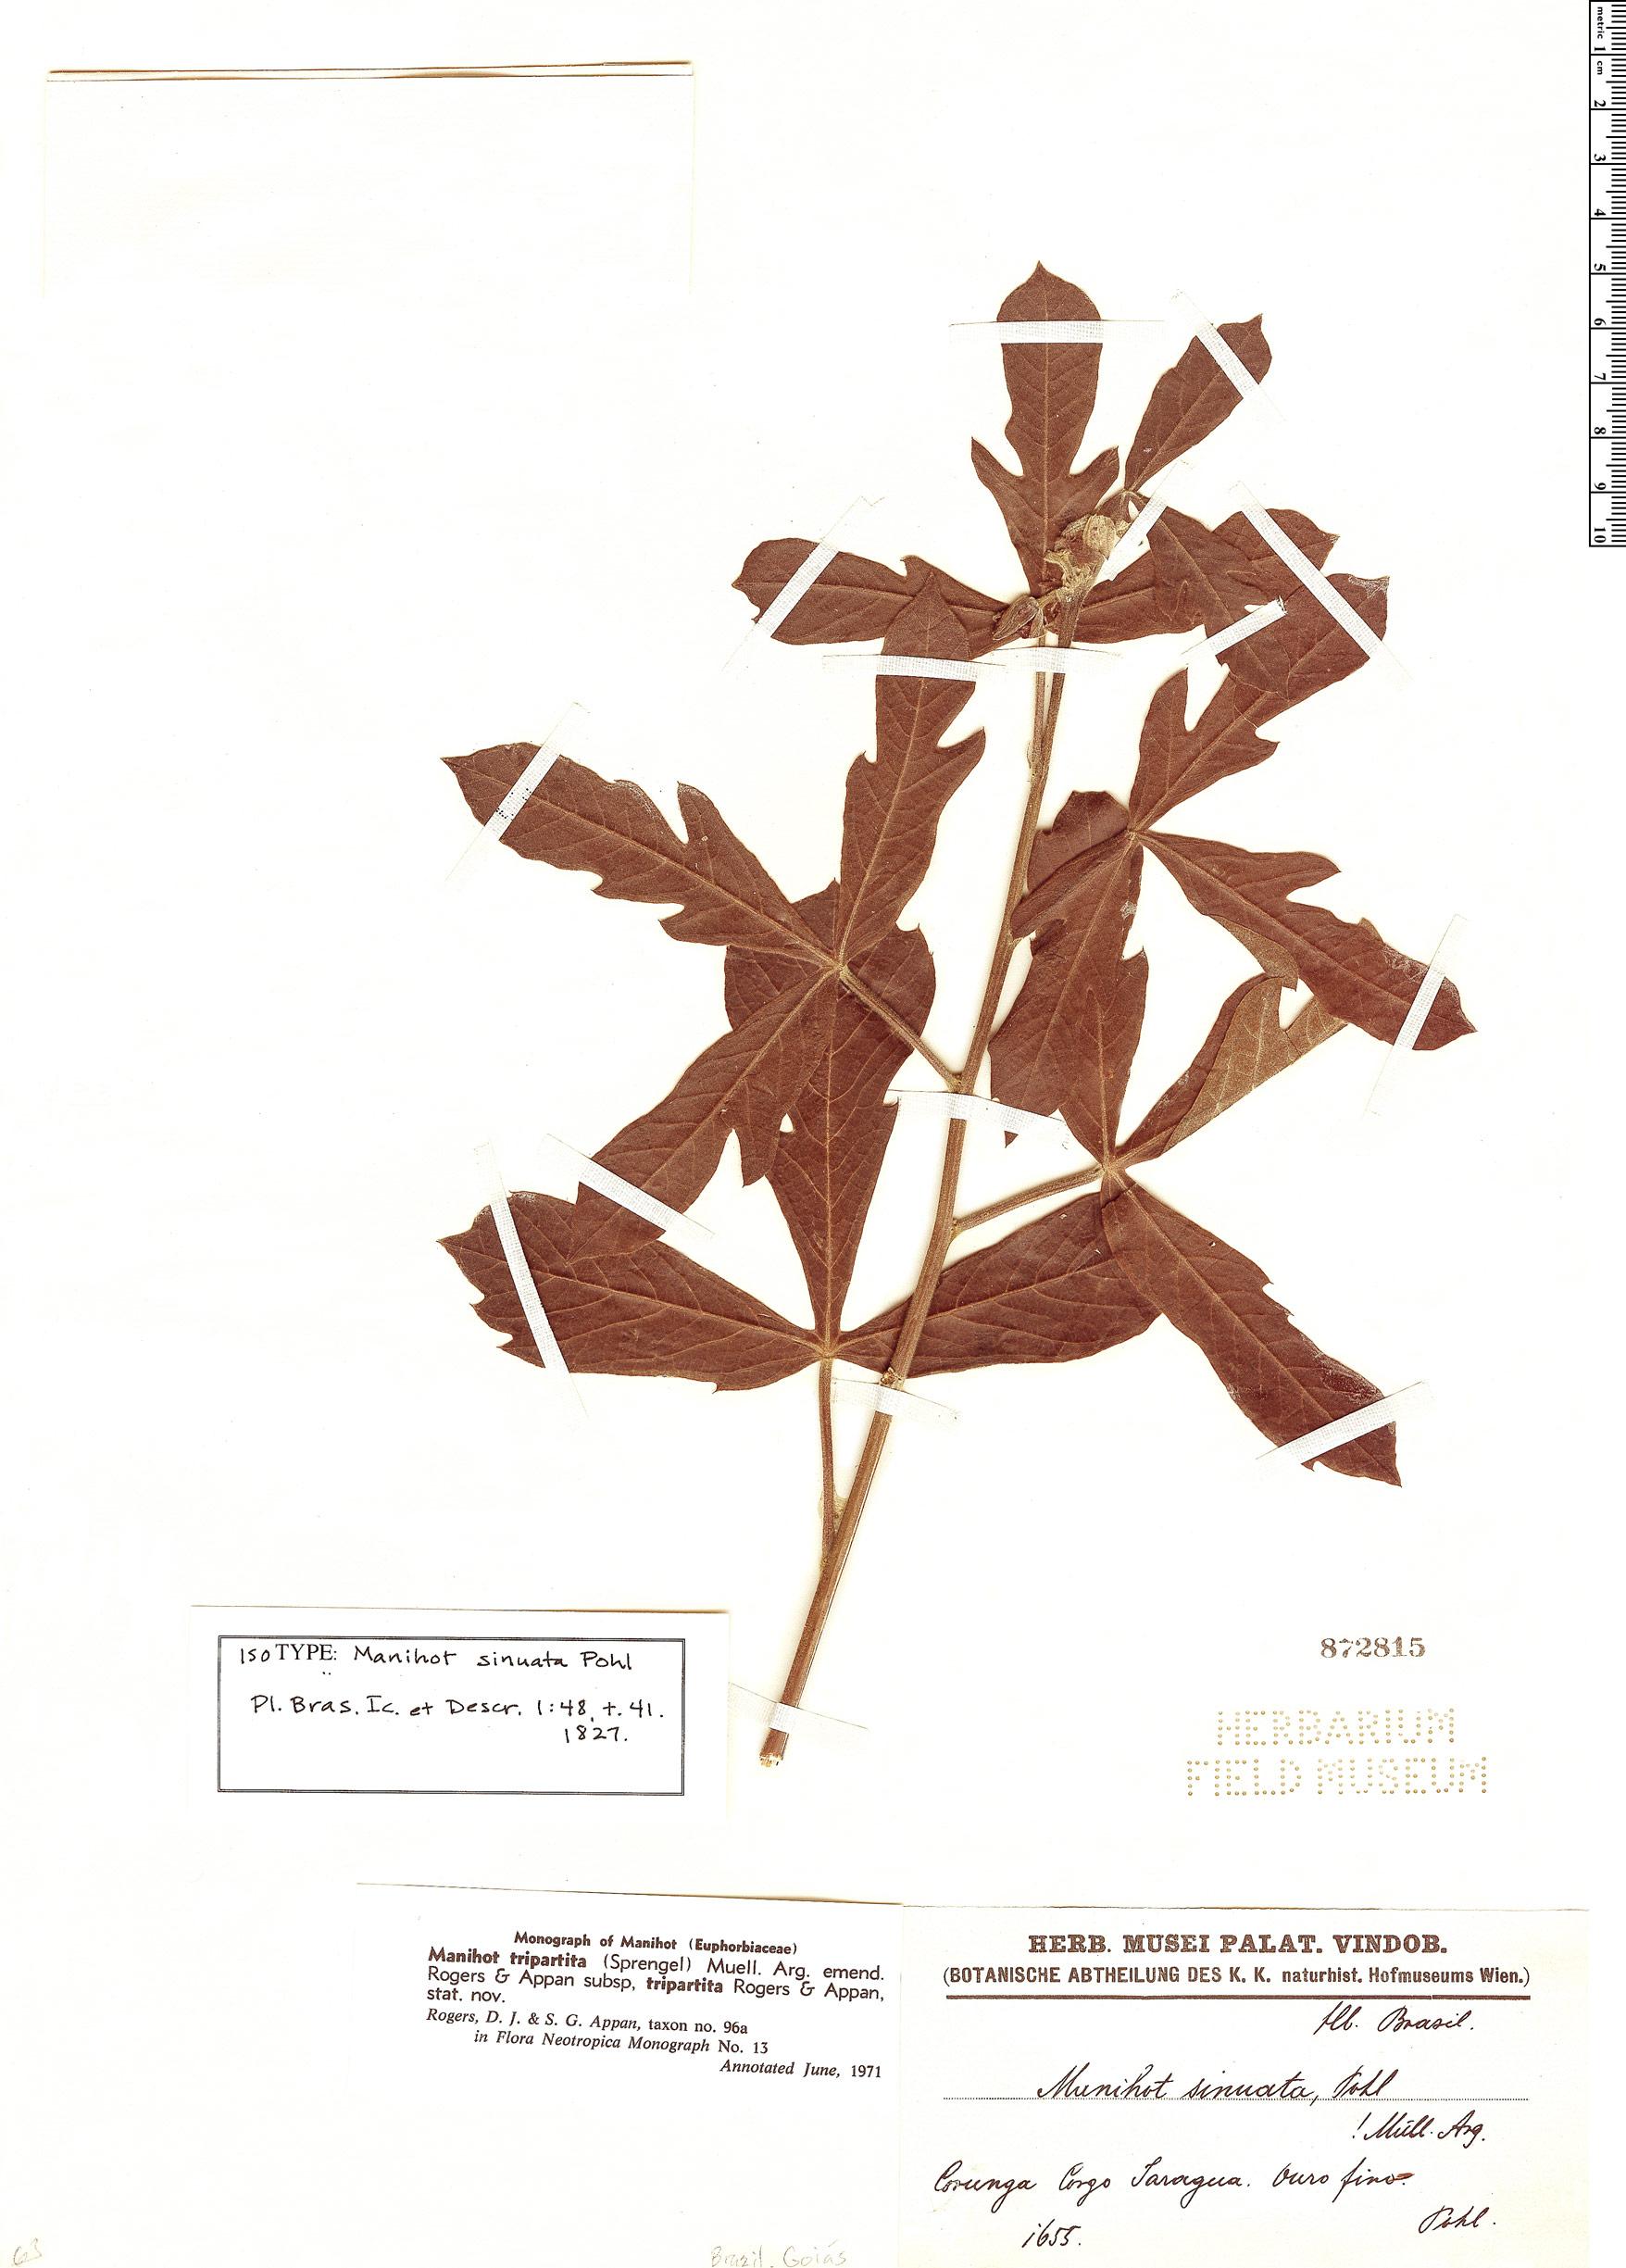 Specimen: Manihot tripartita